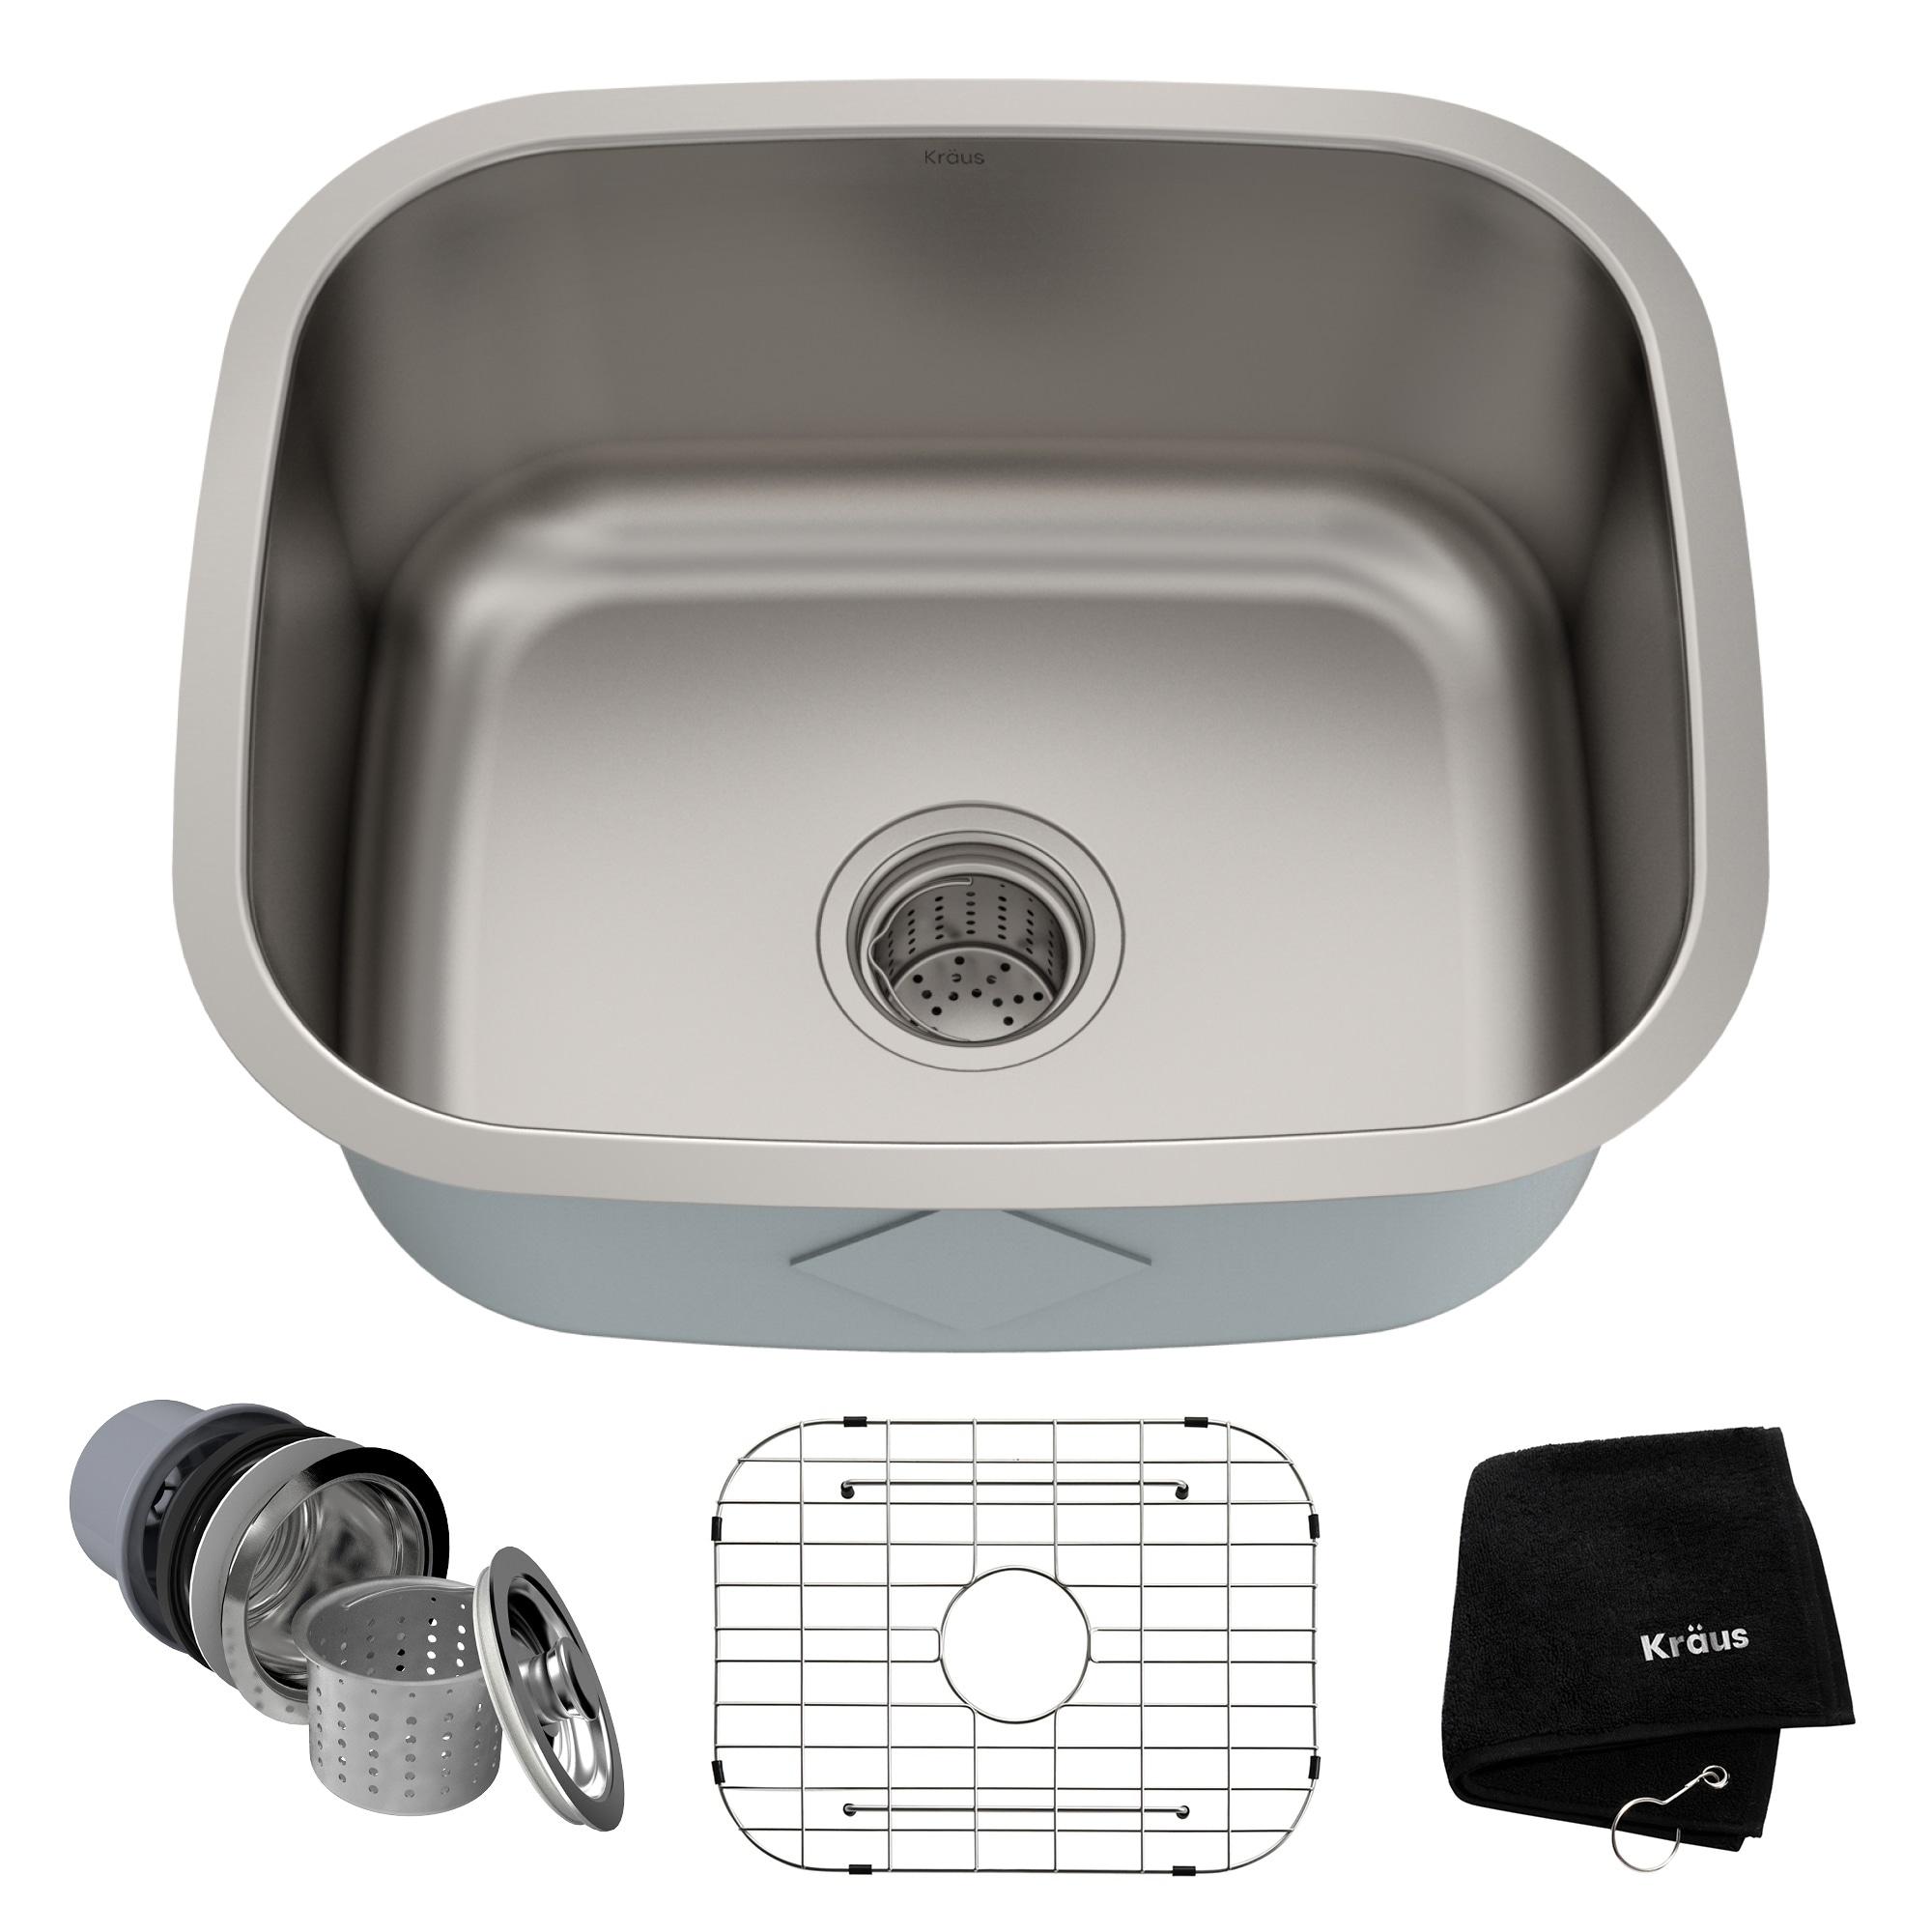 Enjoyable Kraus Kbu11 Undermount 20 Inch 1 Bowl Stainless Steel Kitchen Sink Download Free Architecture Designs Scobabritishbridgeorg